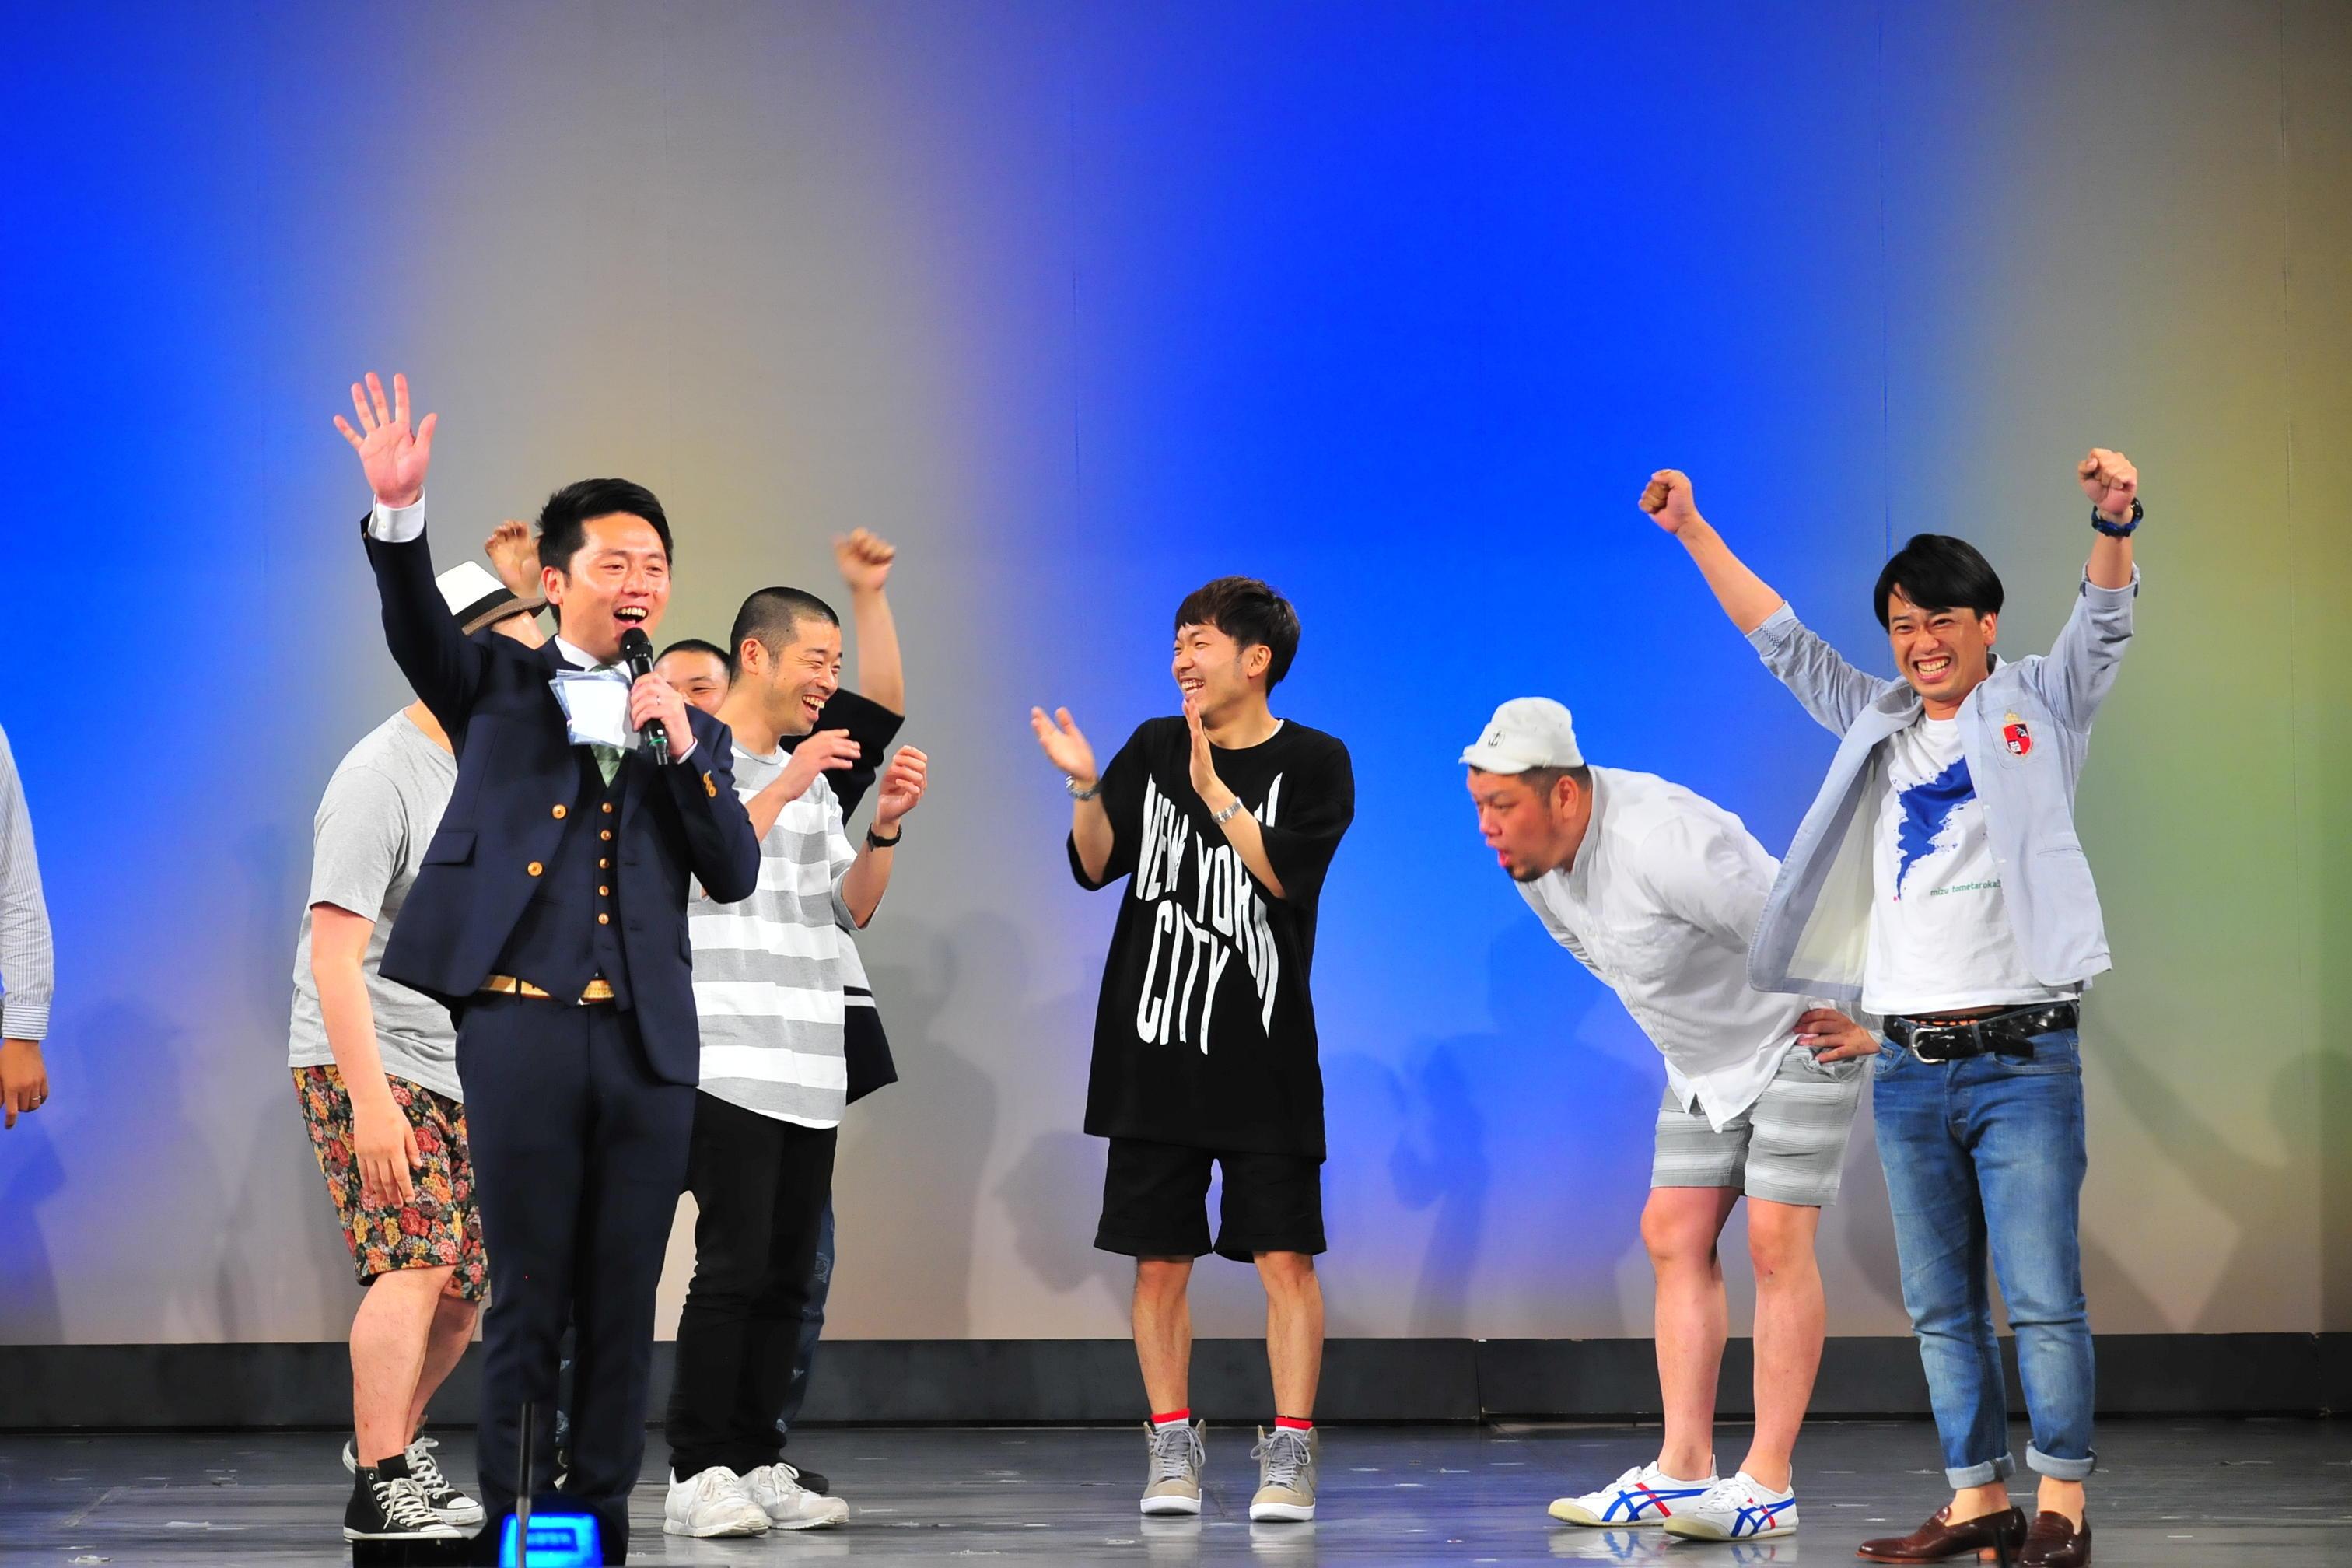 http://news.yoshimoto.co.jp/20160516144914-90e889df353829813eb91ad40fc08cd2d884a8eb.jpg